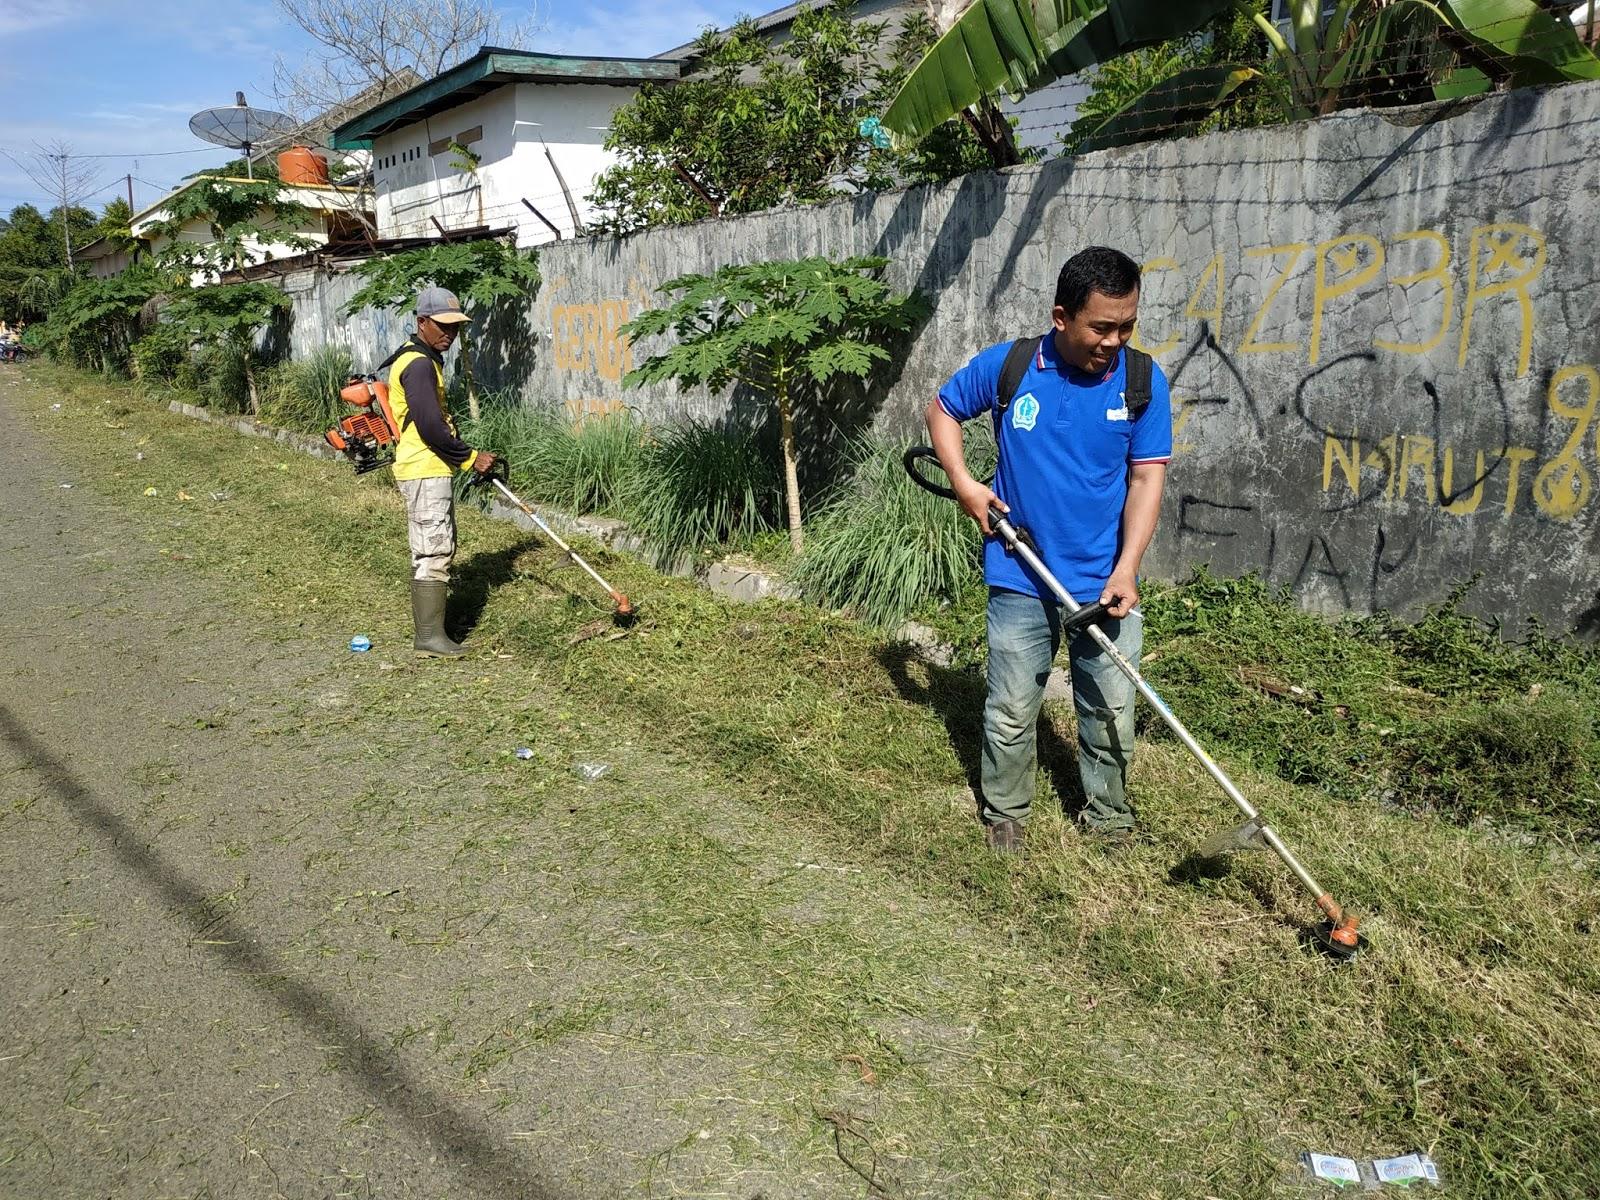 Kepala Lingkungan Menjadi Motorik Gerakan Kebersihan di Tanete Riattang